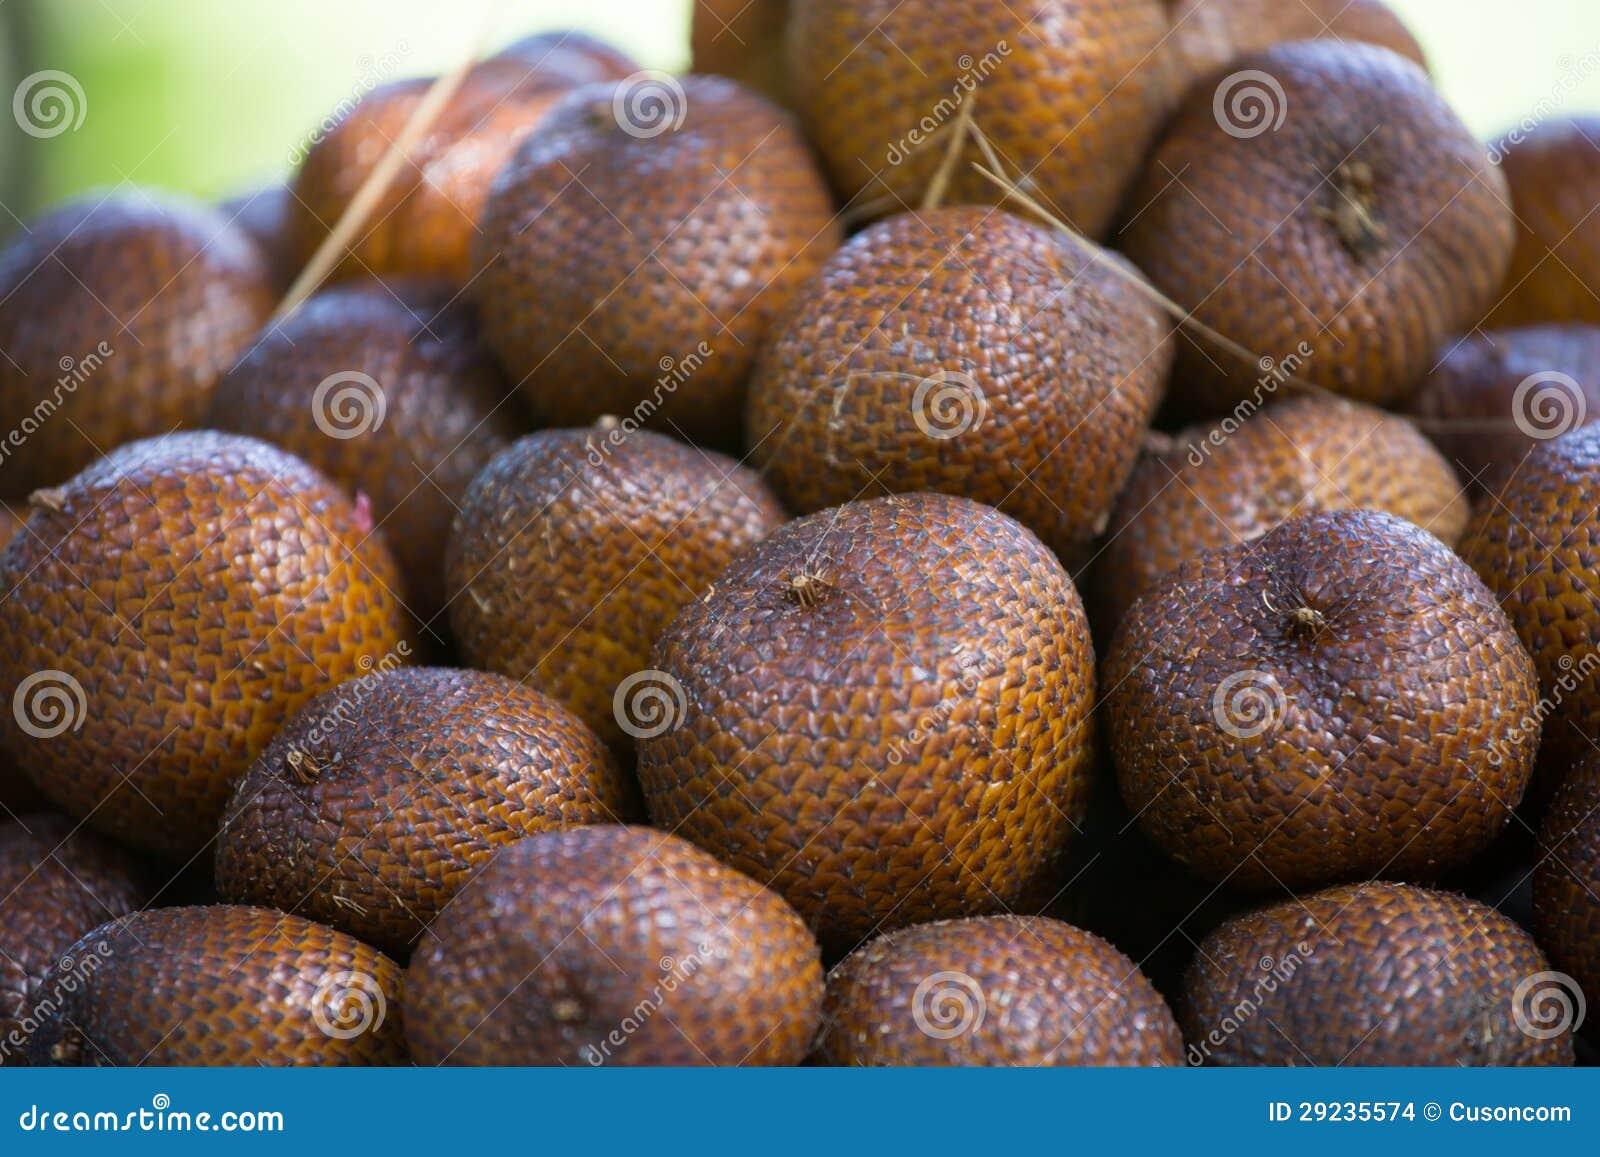 Download Fruto da serpente foto de stock. Imagem de inteiro, alimento - 29235574